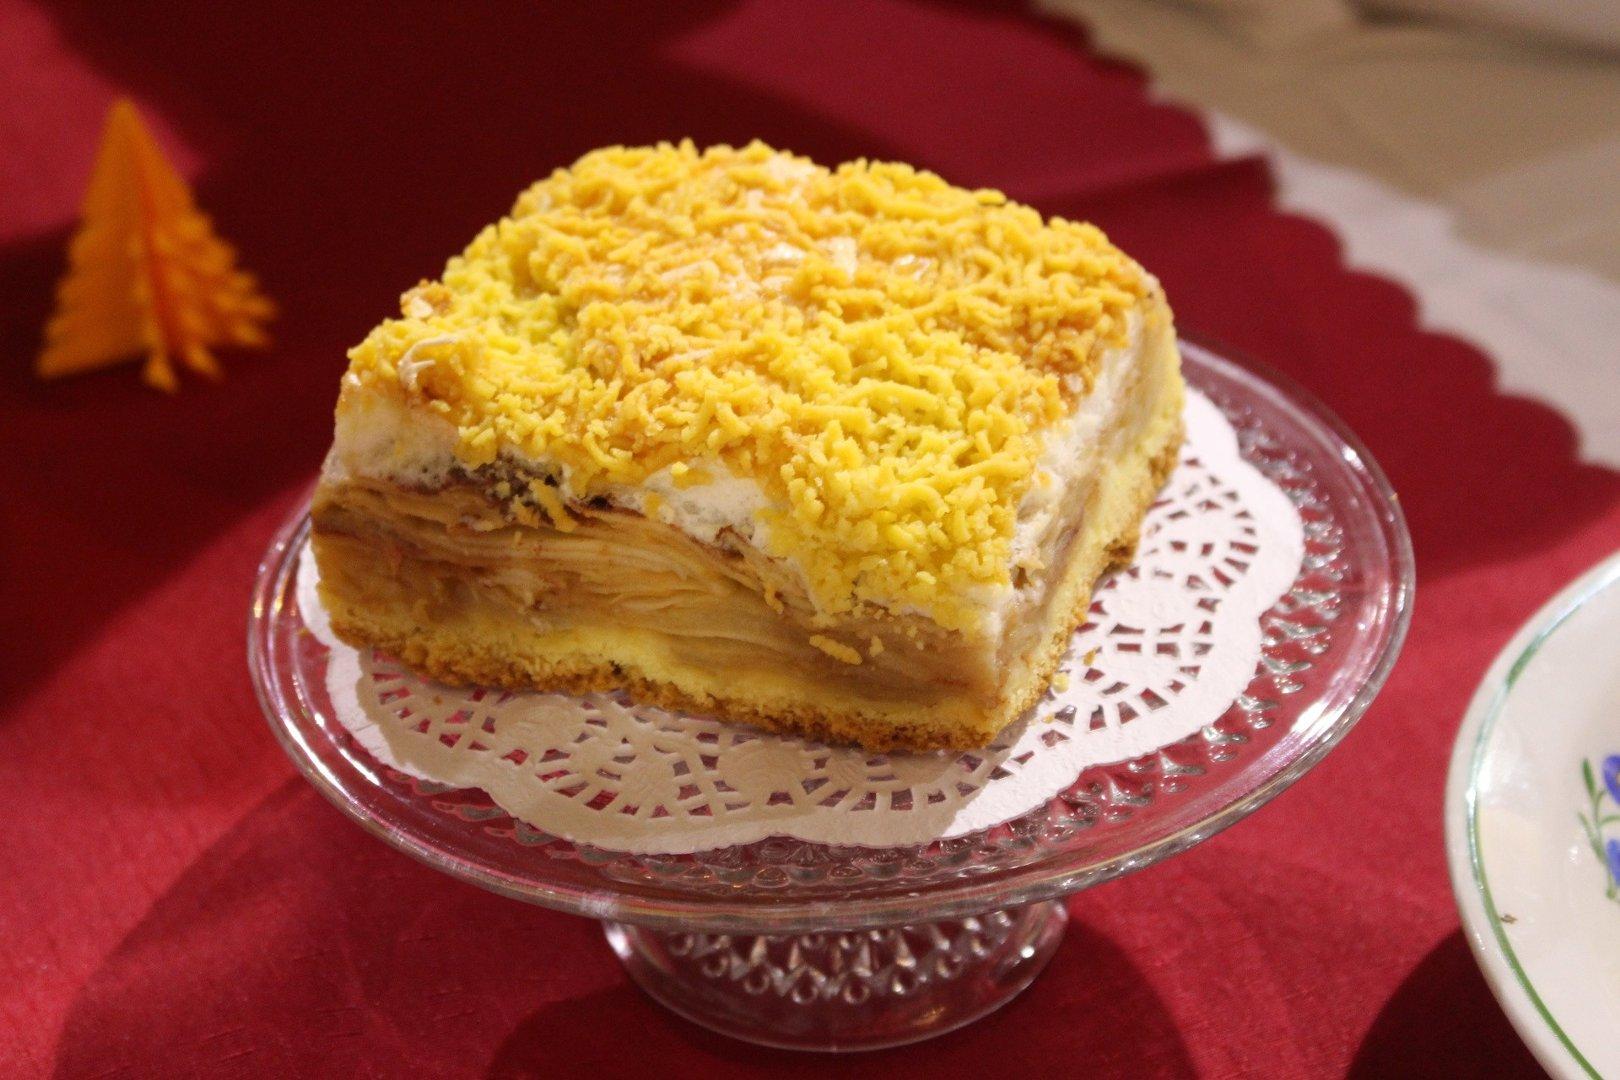 Jablecznik Przepis Na Smaczne Ciasto Podaje Kolo Gospodyn Wiejskich